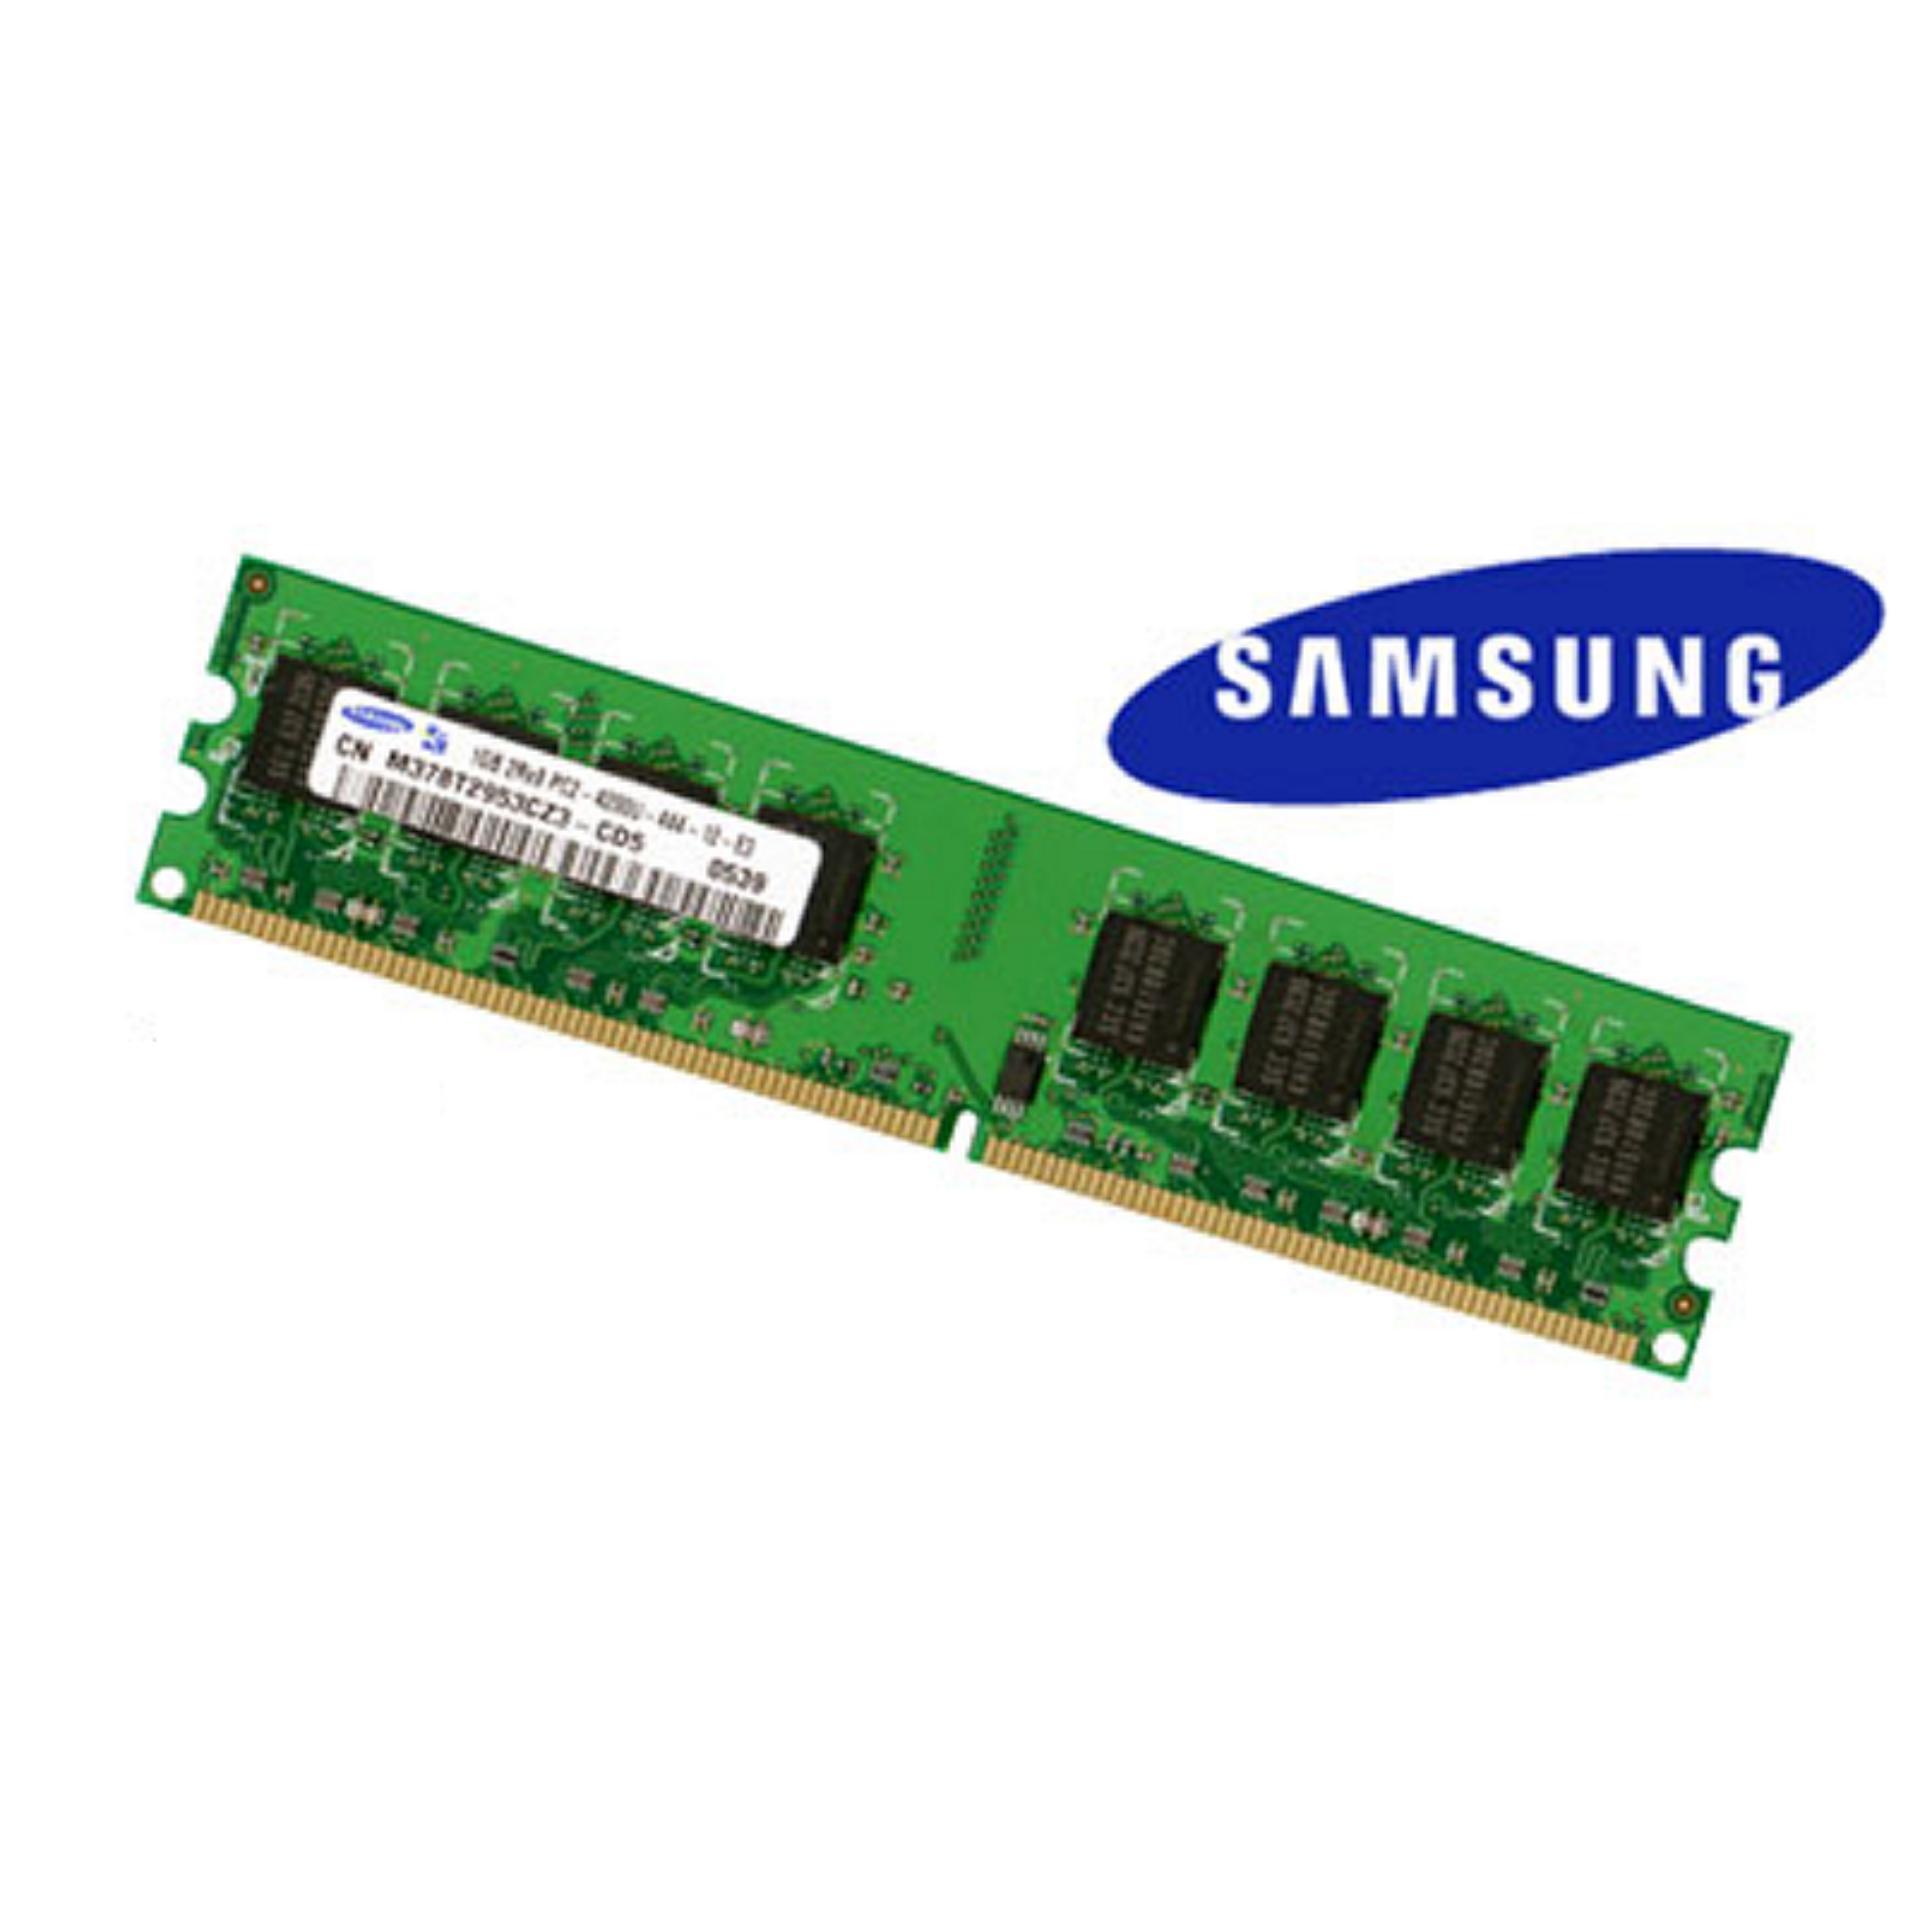 Bán Ram Pc Samsung Ddr2 2Gb Bus 800 Mhz Hang Nhập Khẩu Ra Mới